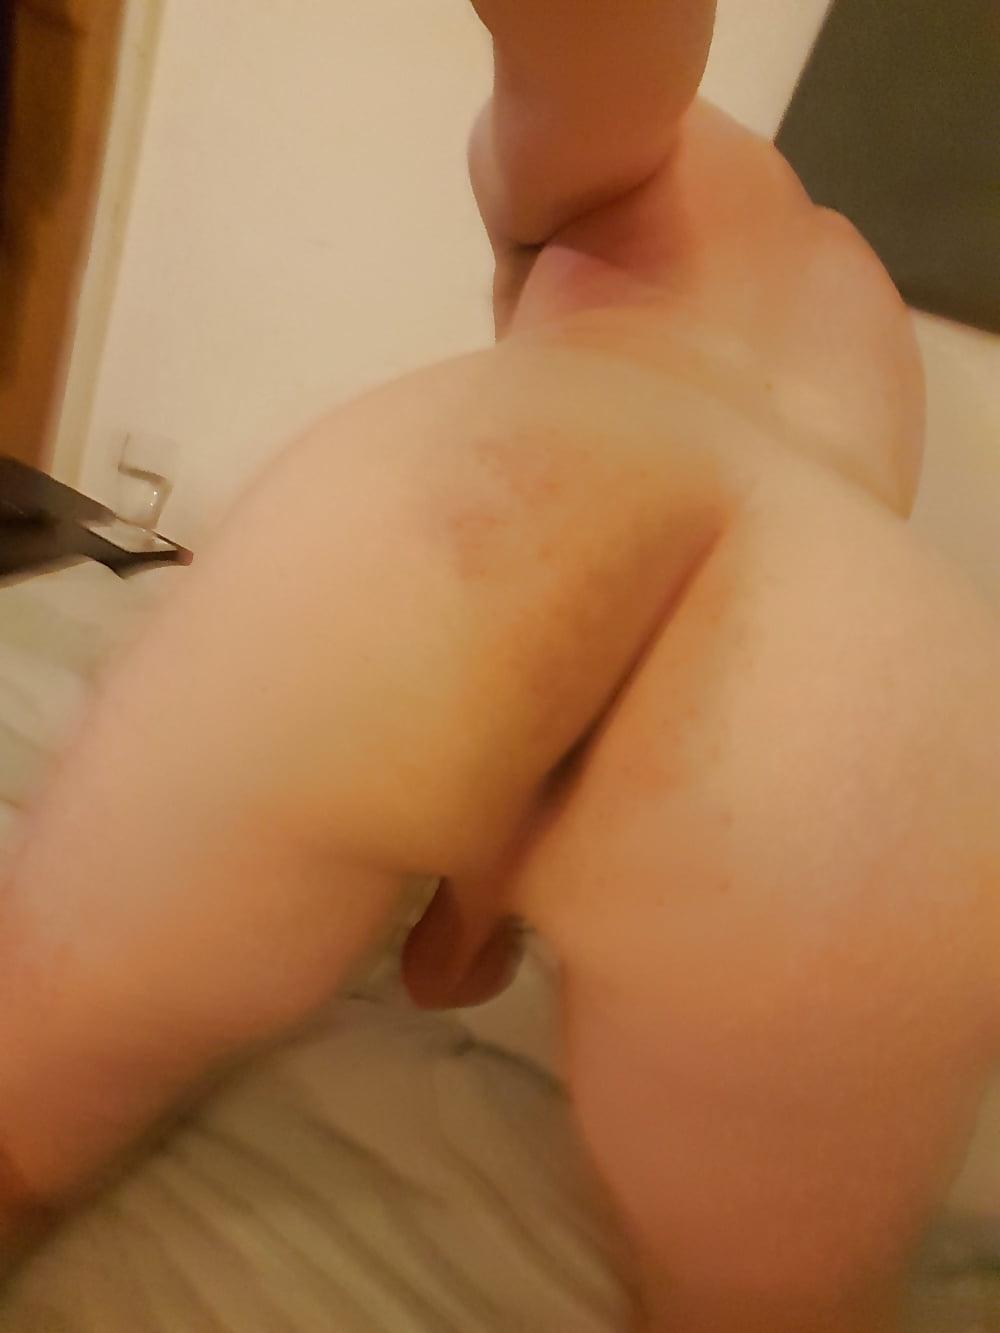 Porn clips Jojos moonlight fantasy mature swinger